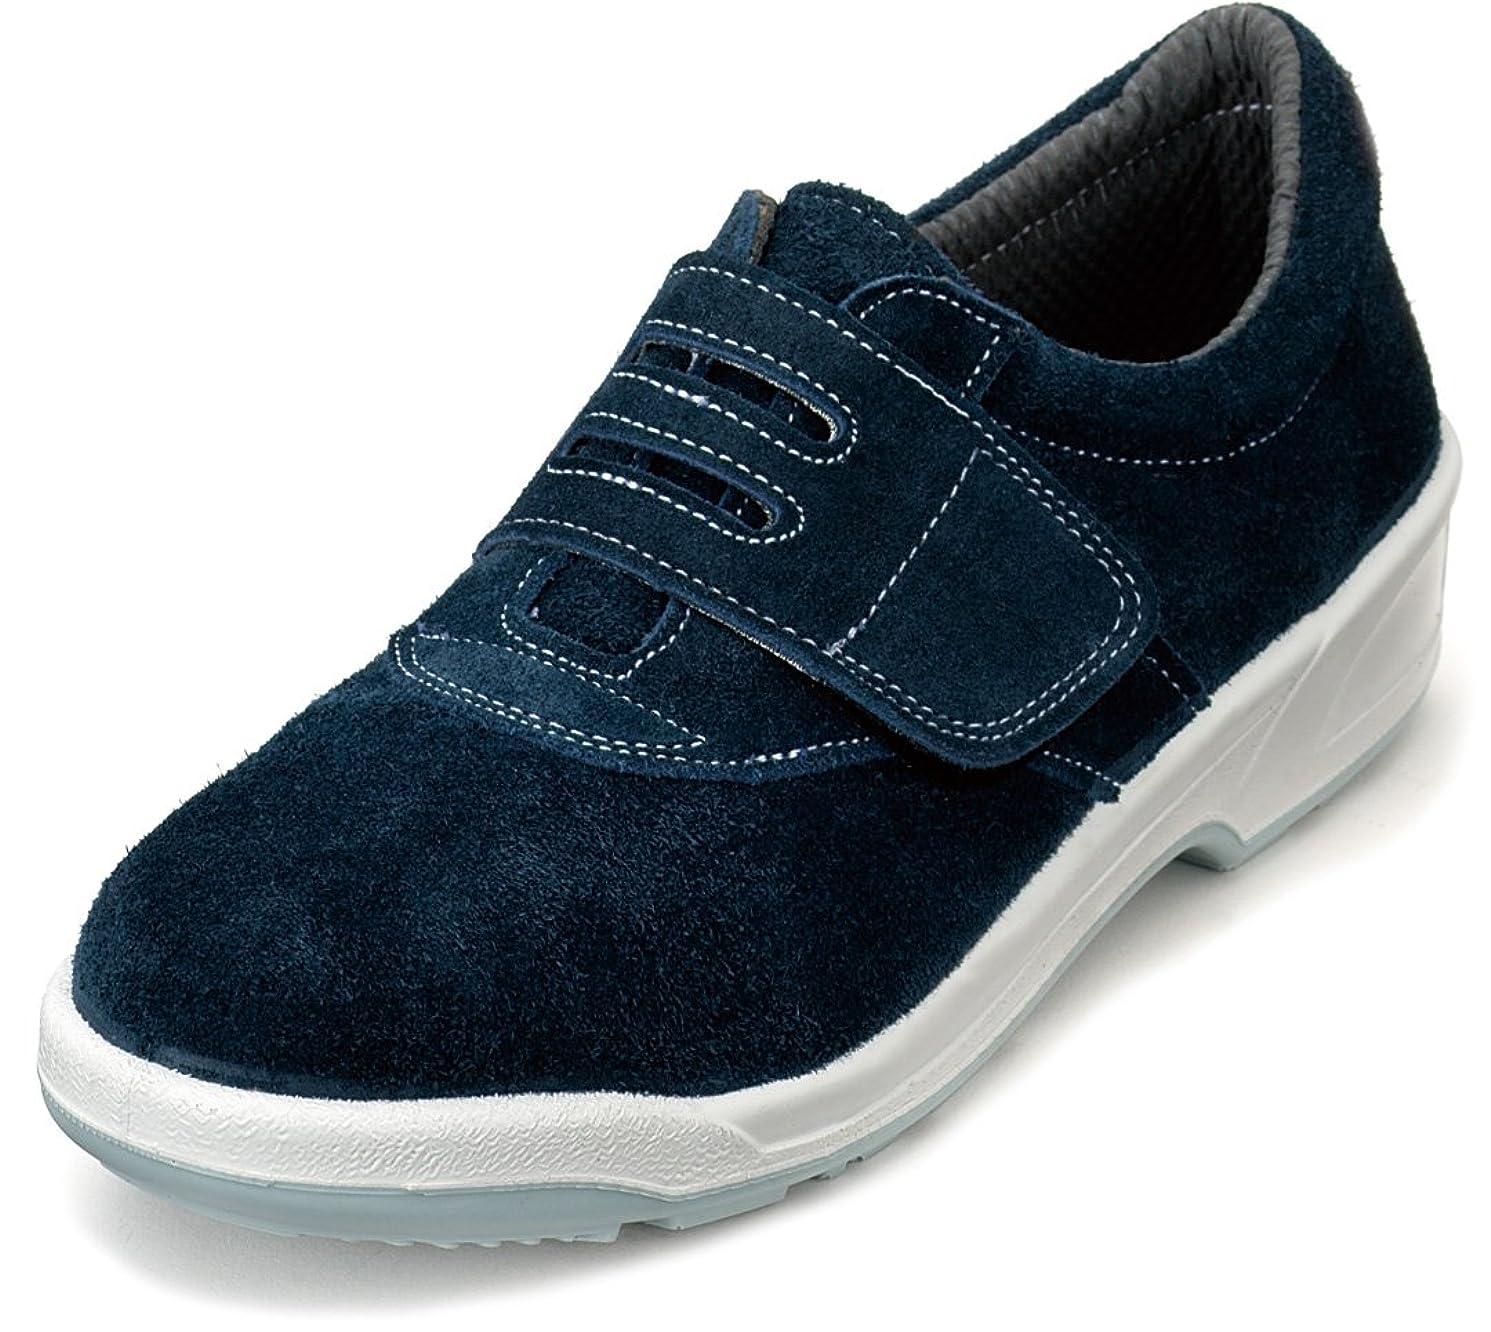 実際にとにかくモナリザスマートなデザインの女性用安全靴?ベロアマジックテープ 牛革製【安全靴】《004-ANL3015ベロア》